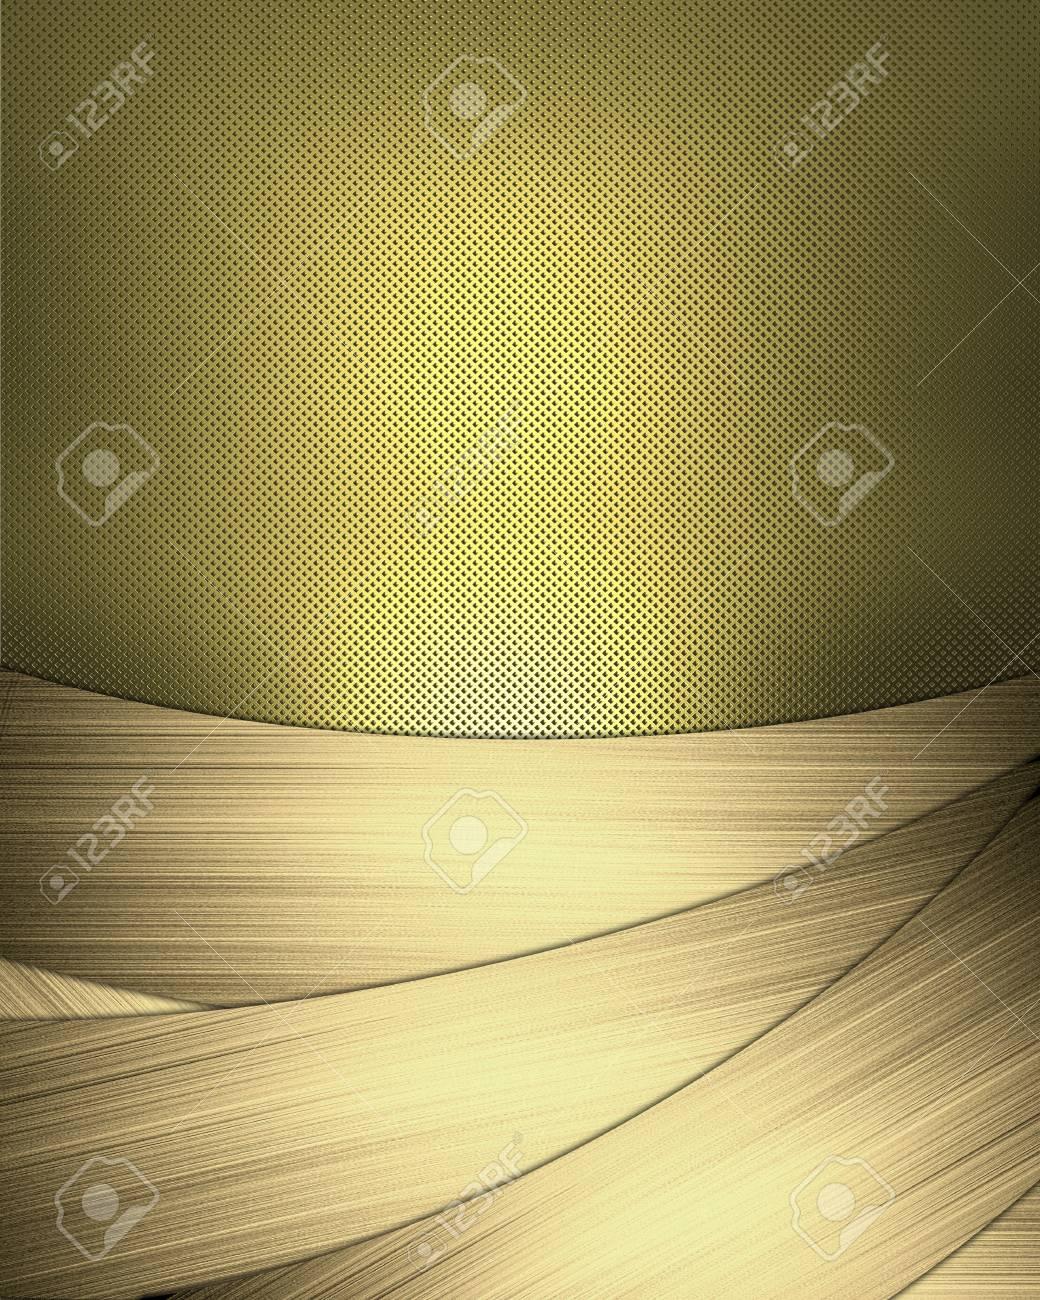 Diseño De La Plantilla - Resumen De Antecedentes De Oro Con Cintas ...